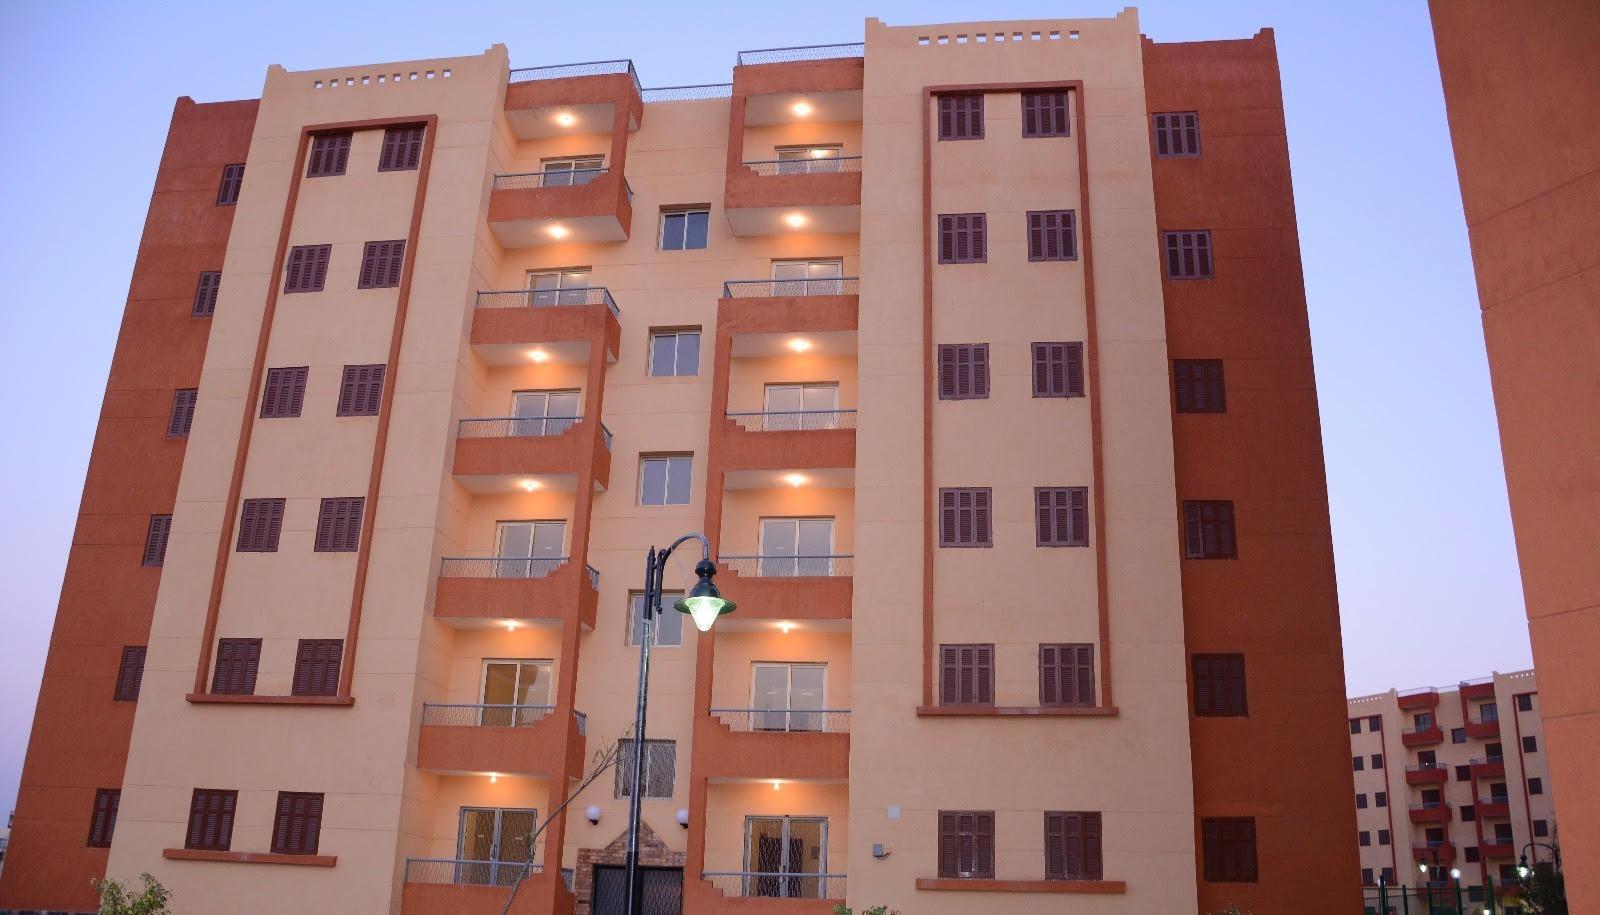 http://shbabbek.com/upload/وحدات سكنية جديدة بـ22 محافظة.. تعرف على الشروط وبادر بالحجز